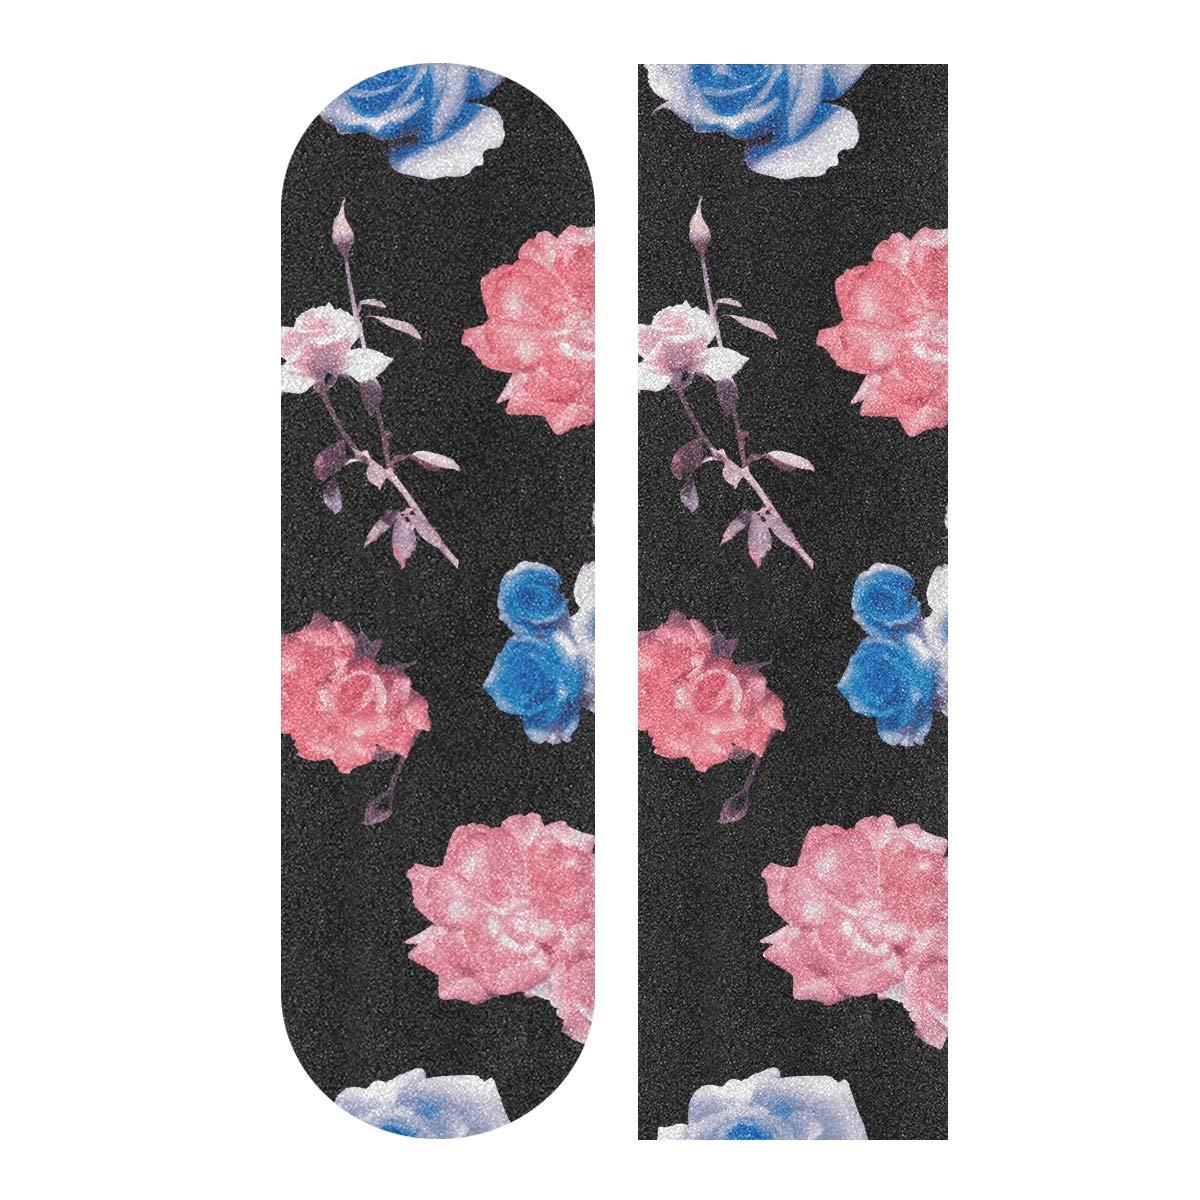 rutschfestes Schleifpapier f/ür Rollbrett abstrakte Linie blasenfrei Skateboard-Griffband wasserdicht 22,9 x 83,8 cm